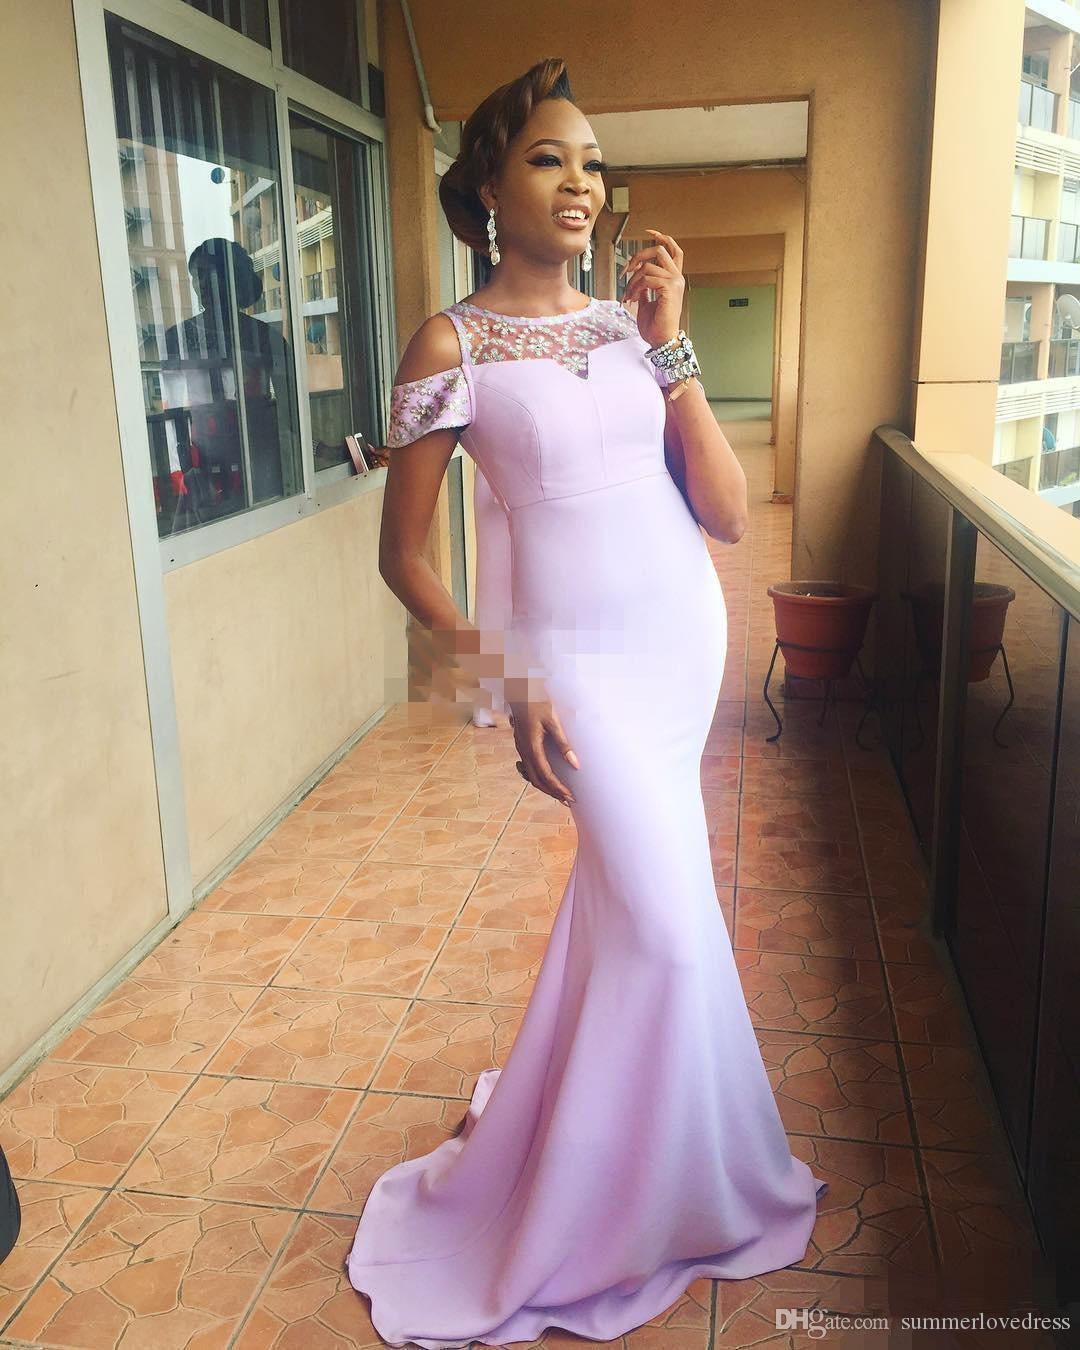 2017 Nova Elegante Africano Pescoço Sereia De Cetim Longo Da Dama De Honra Vestidos de Pedras Frisado Até O Chão Festa Vestidos de Baile de Formatura